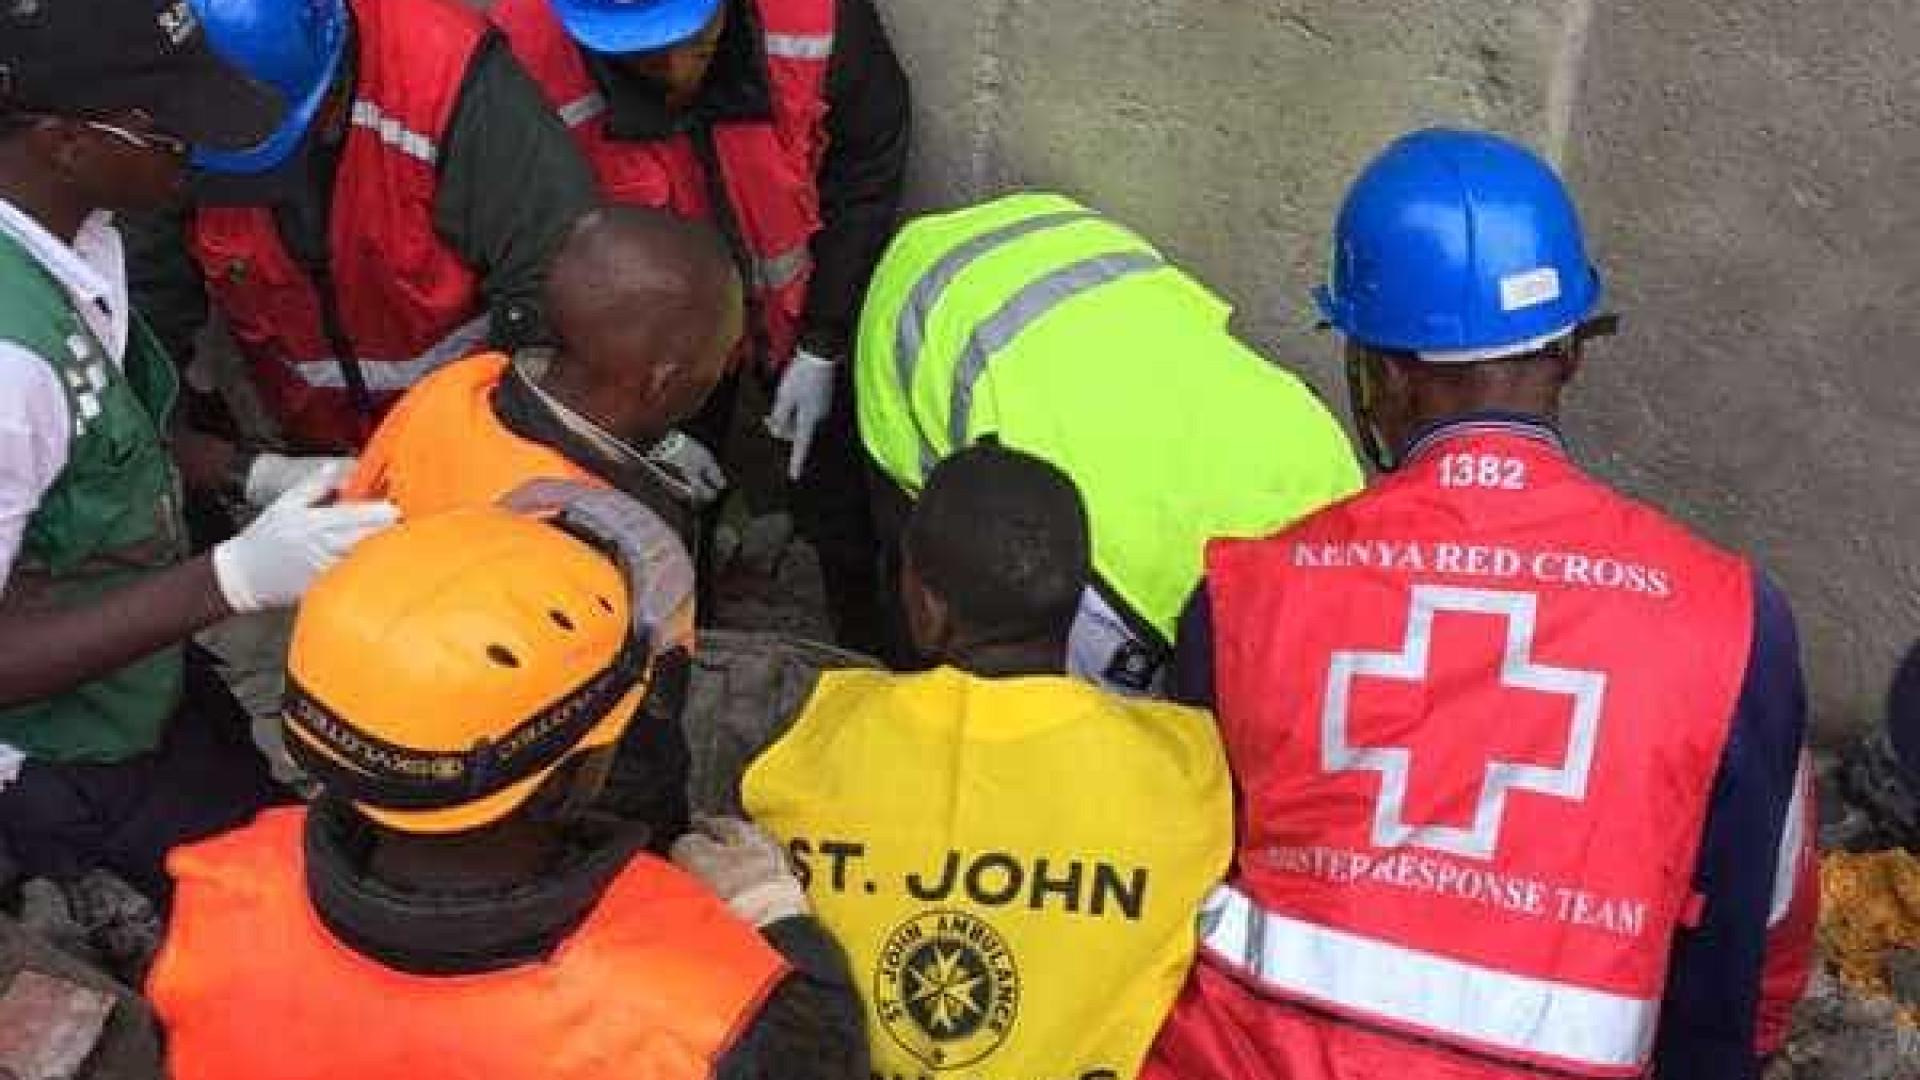 Após queda de prédio, pelo menos sete pessoas morrem no Quênia